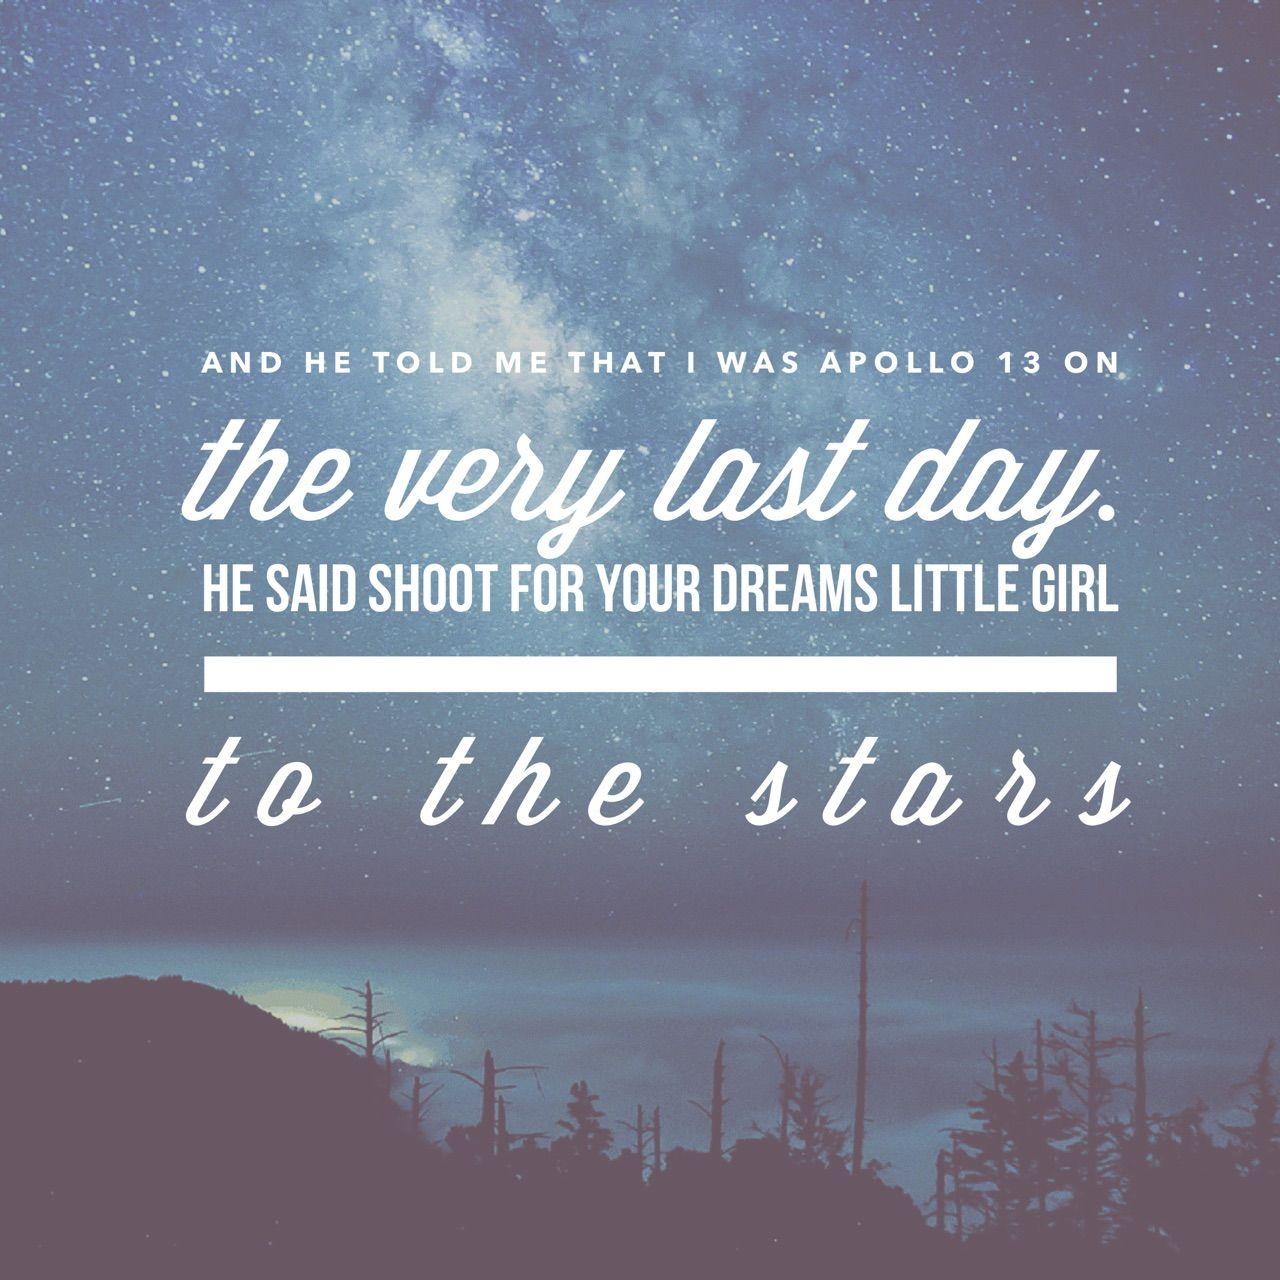 Apollo 13 Quotes Amazing traveling songryn weaver. #quote #lyrics #rynweaver